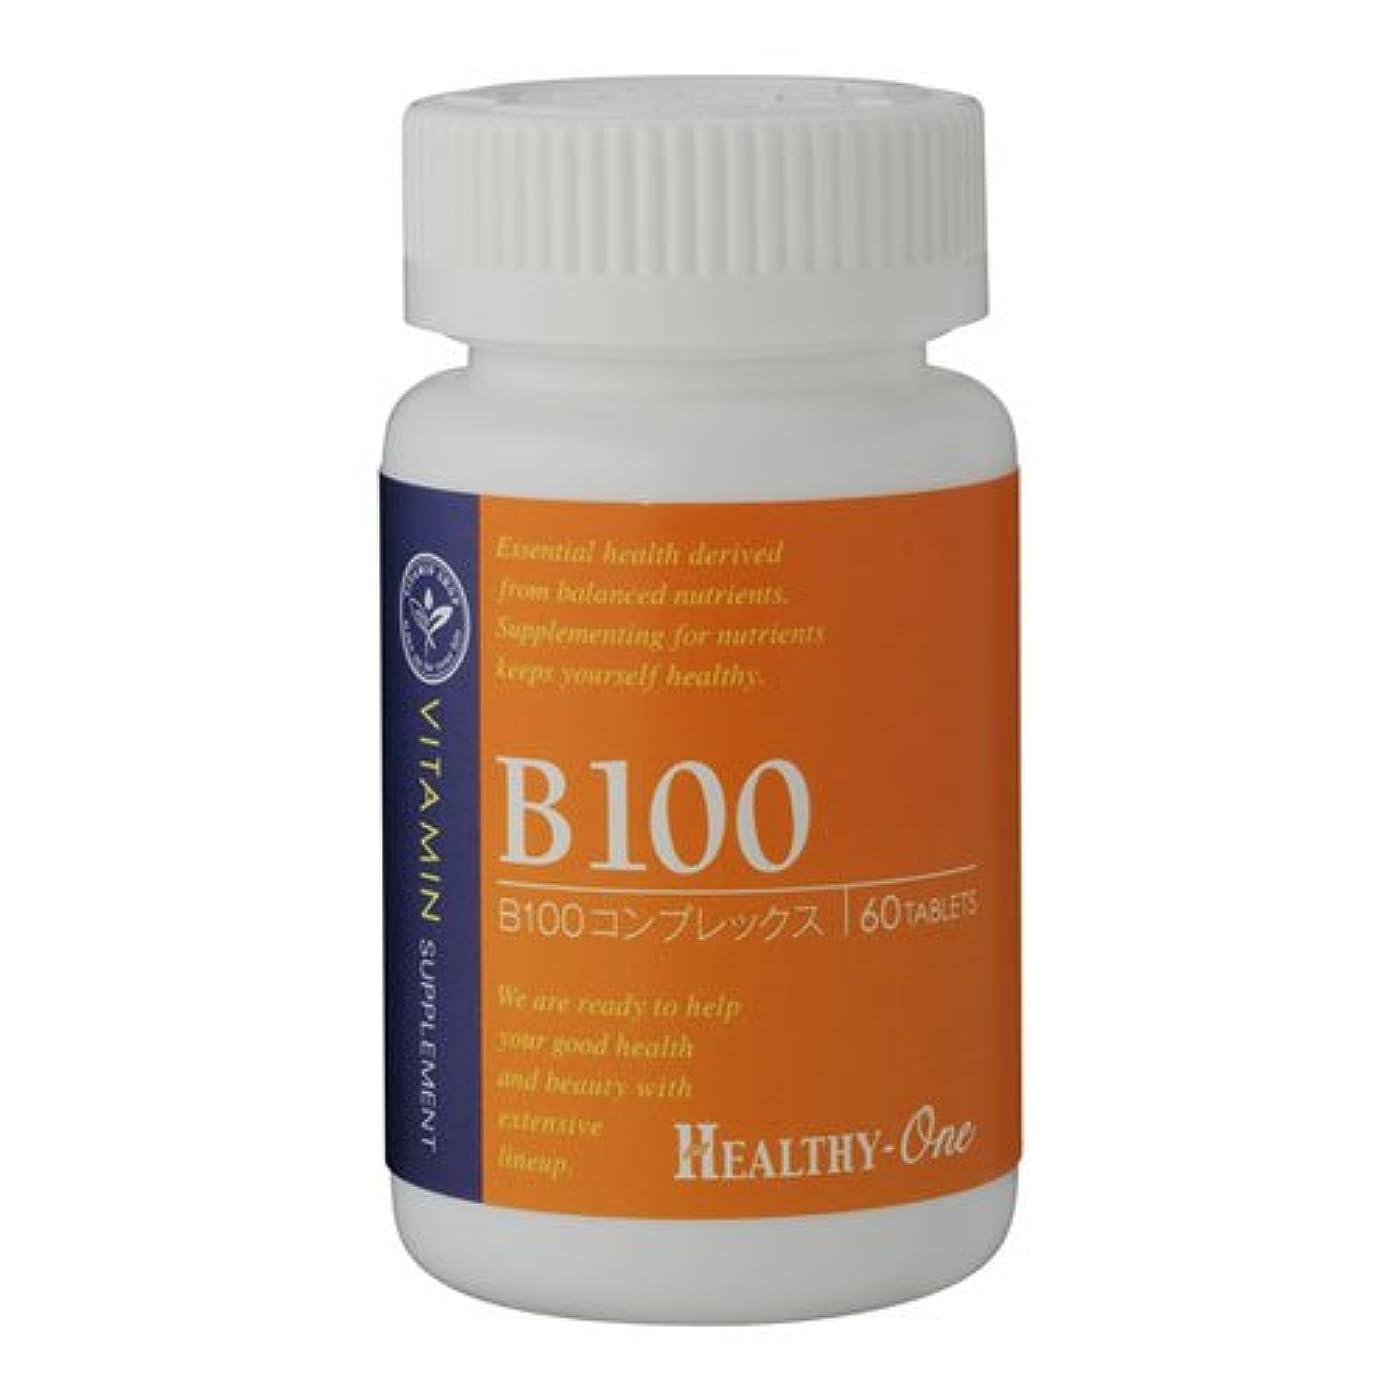 白いめまいオプショナルヘルシーワン ビタミンB100 60粒 60日分